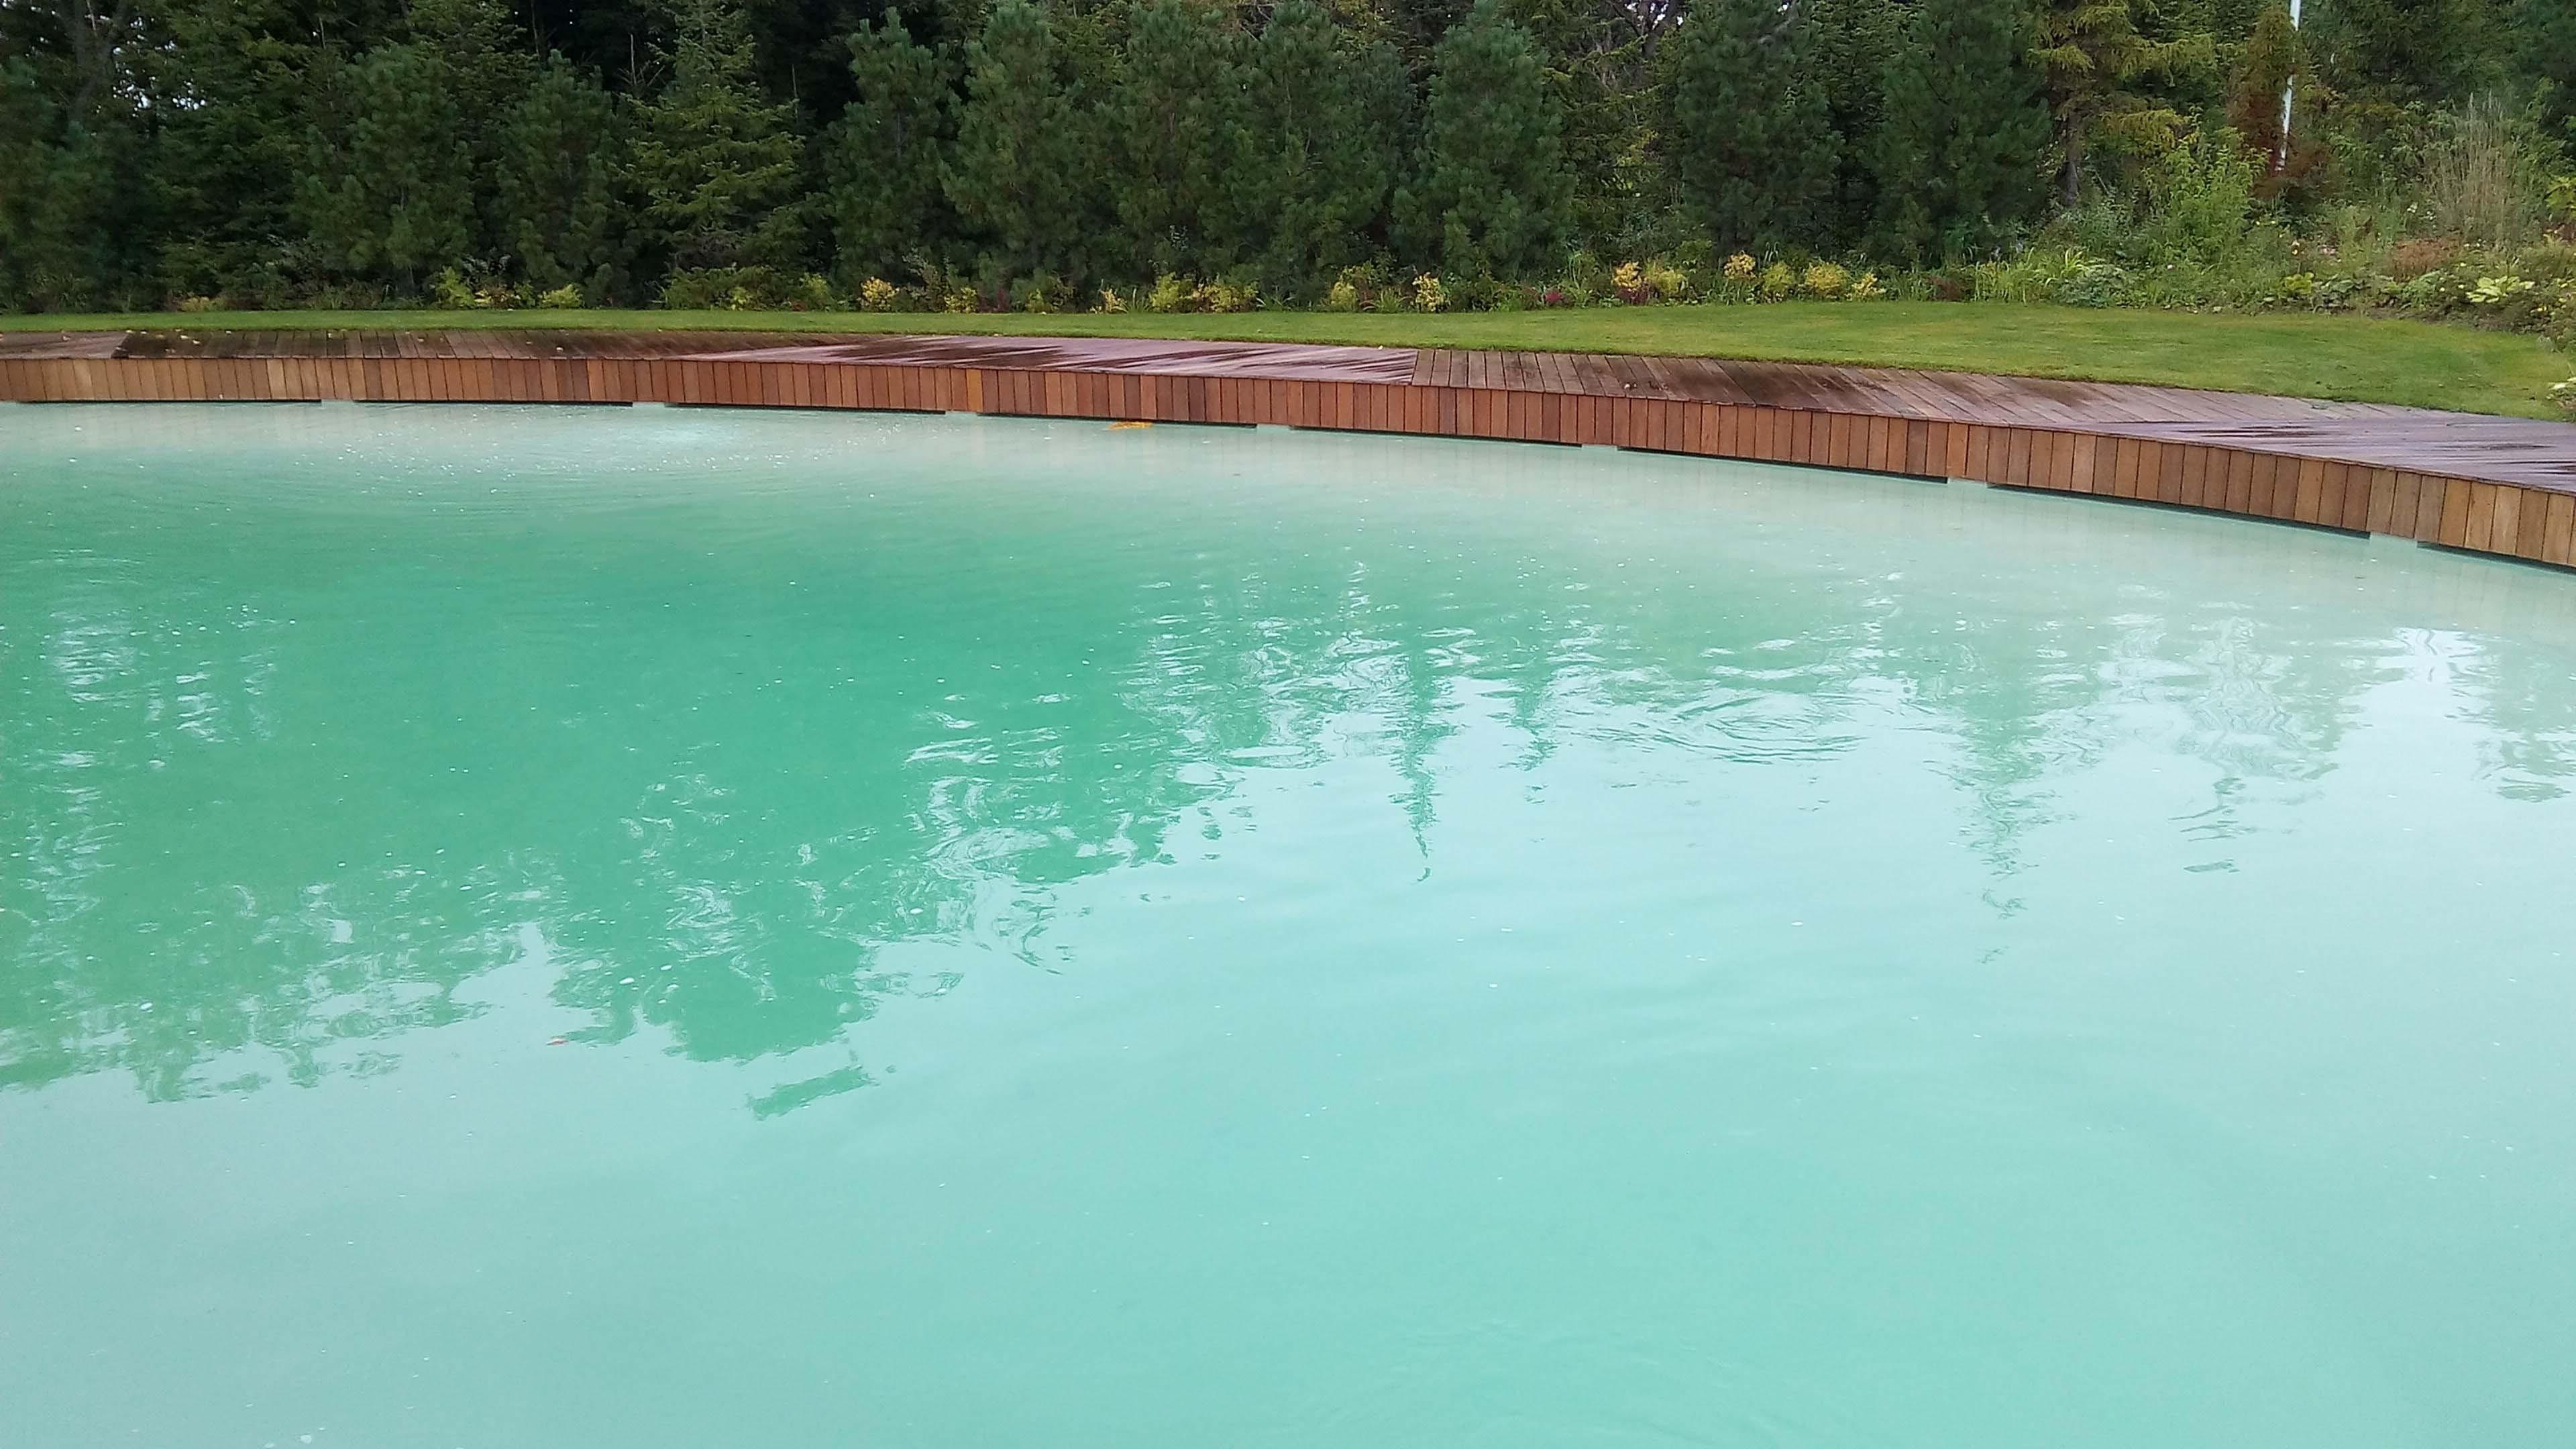 Un corso d'acqua privato - Piscine